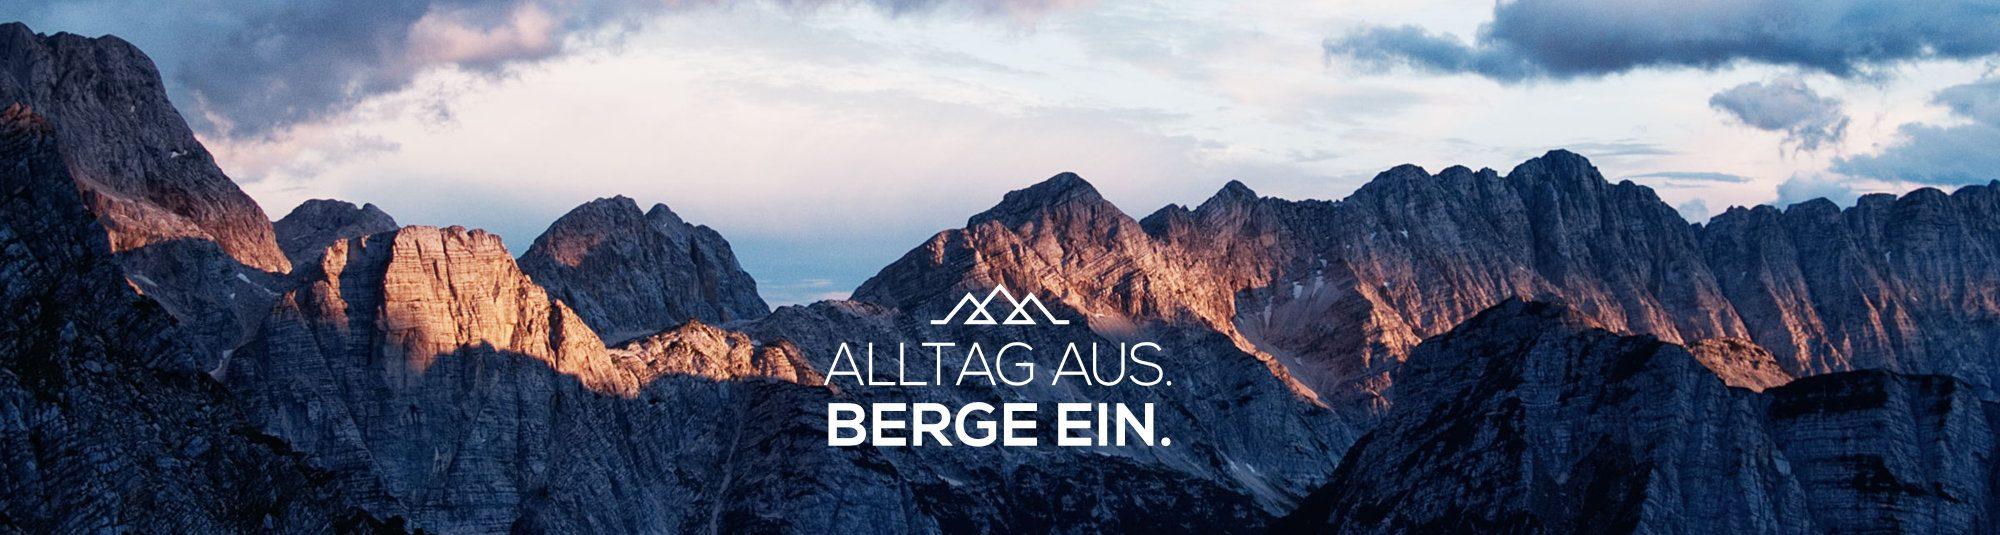 Fjella mit Slogan Alltag aus berge ein